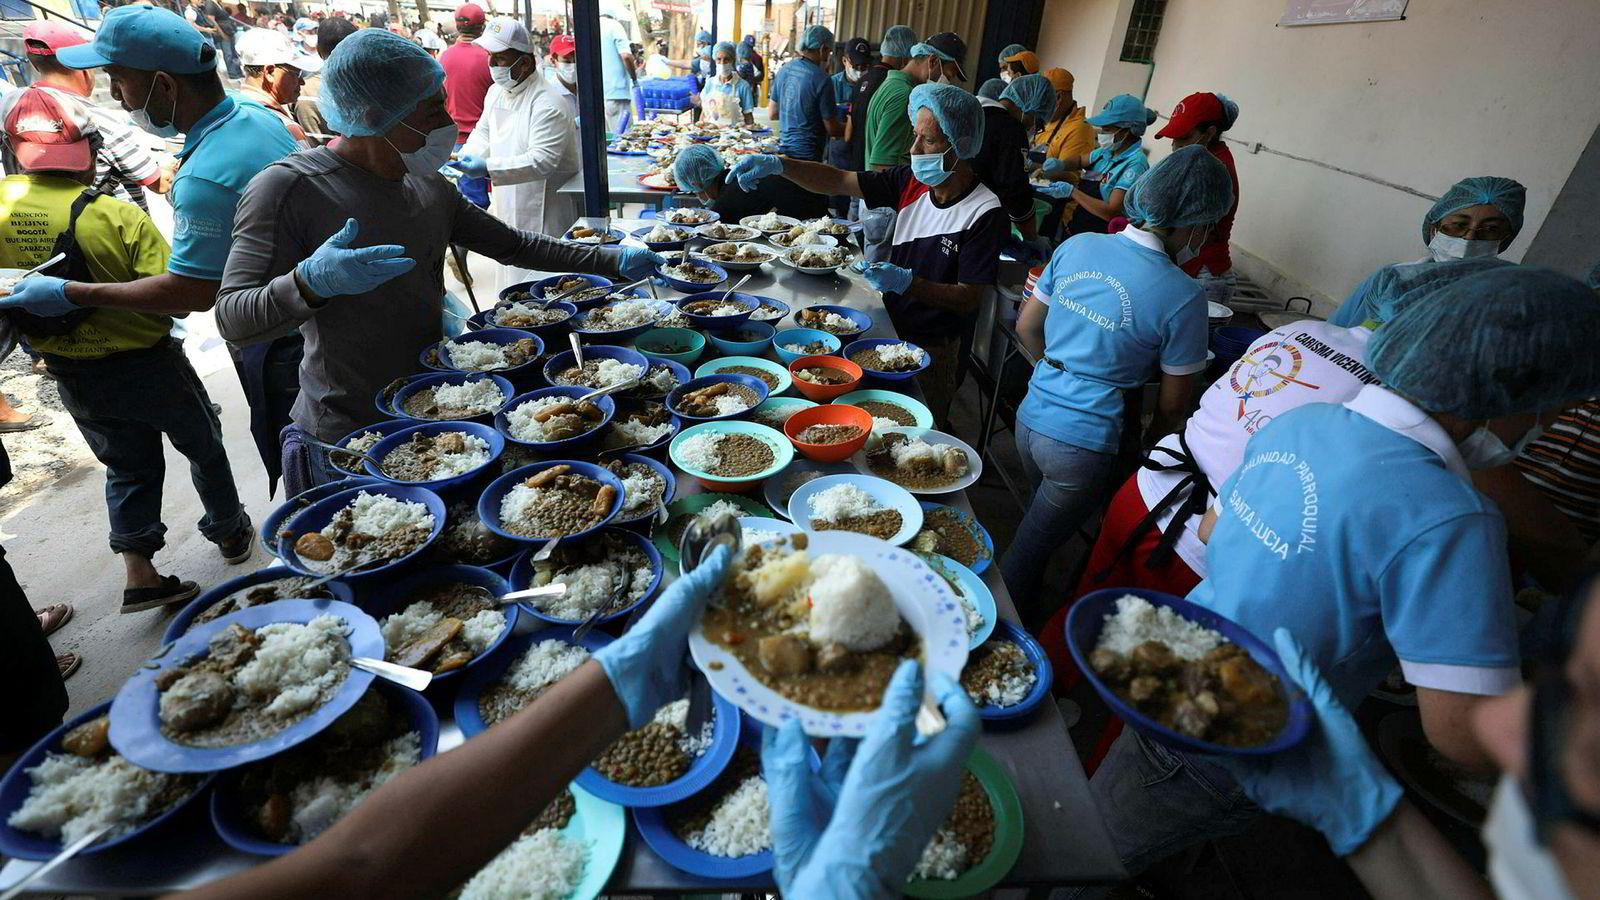 Frivillige deler ut gratis lunsj til venezuelanske migranter i et flyktningmottak i La Parada i Colombia, ved grensen til Venezuela. Millioner av venezuelanere har forlatt hjemlandet, som mangler mat, medisiner og andre basisvarer.